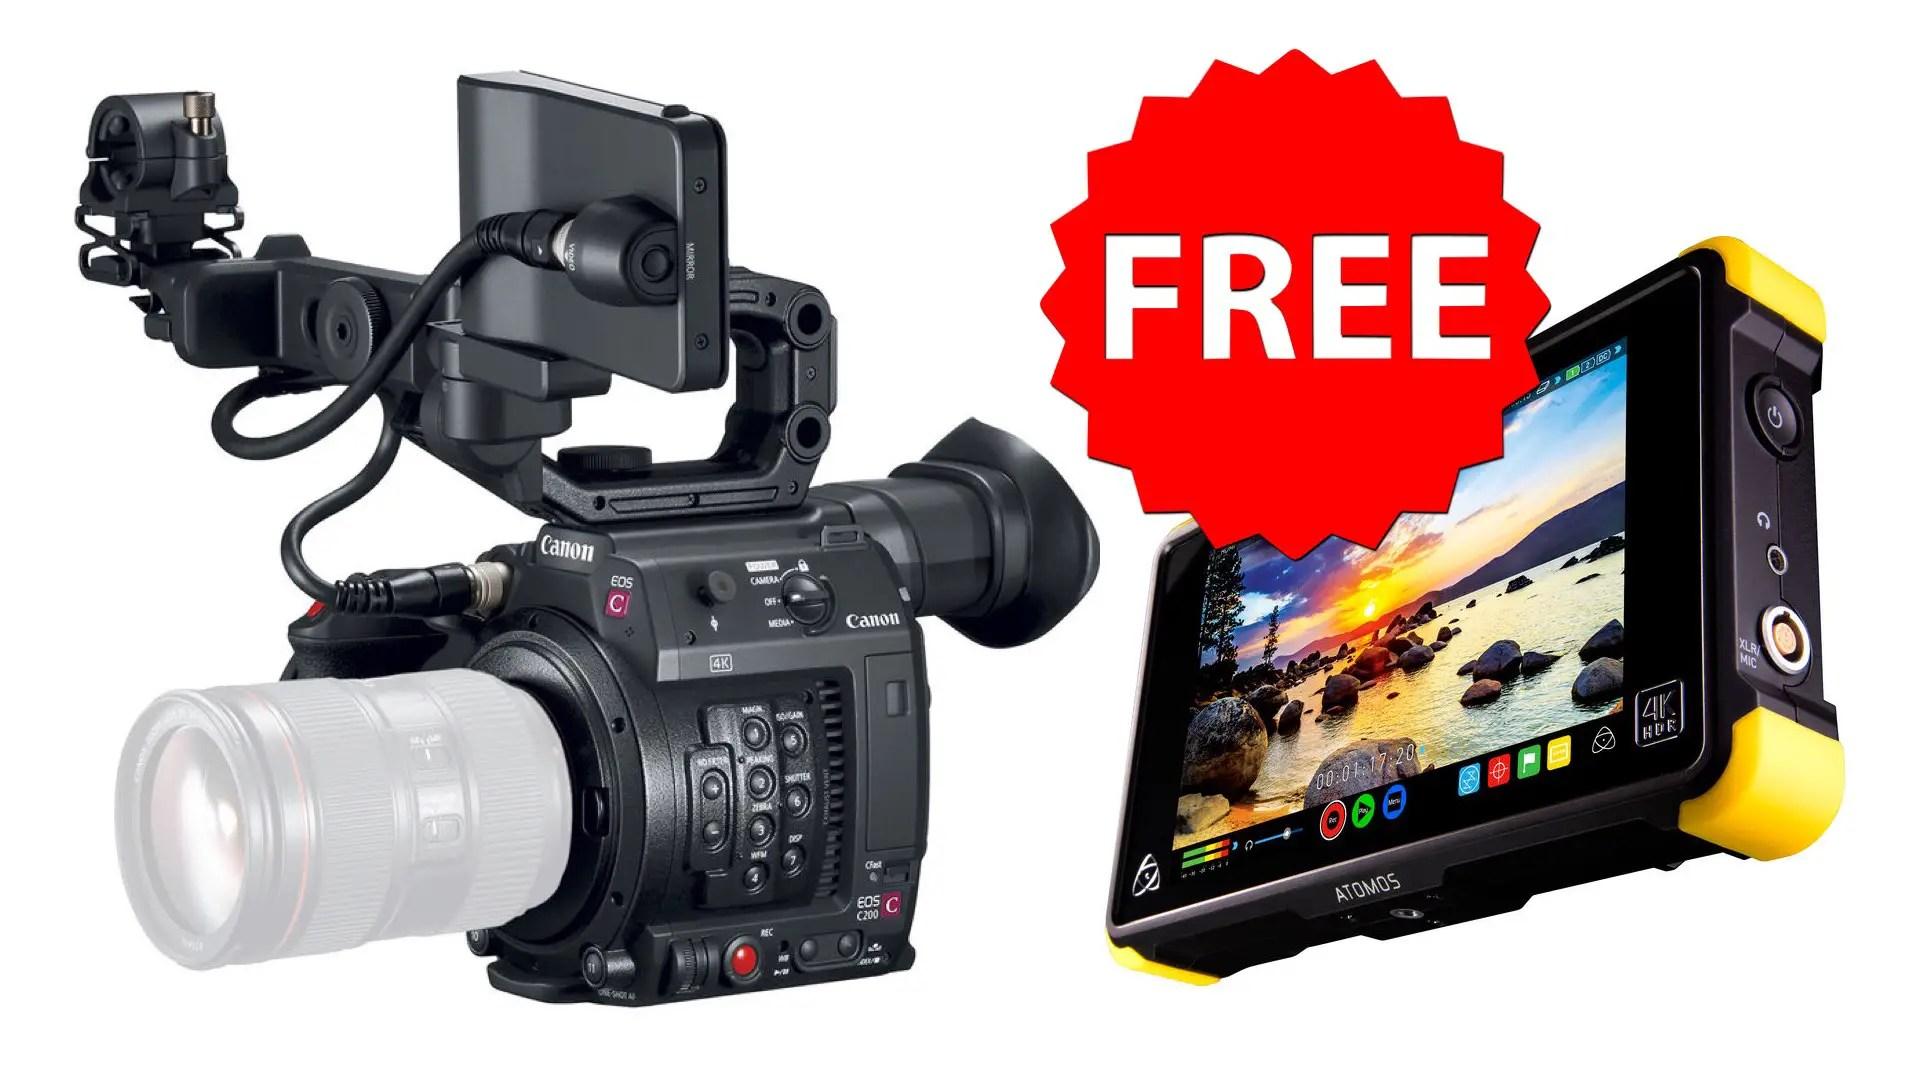 Canon Official Sale: Buy C200 and get Atomos Shogun Flame